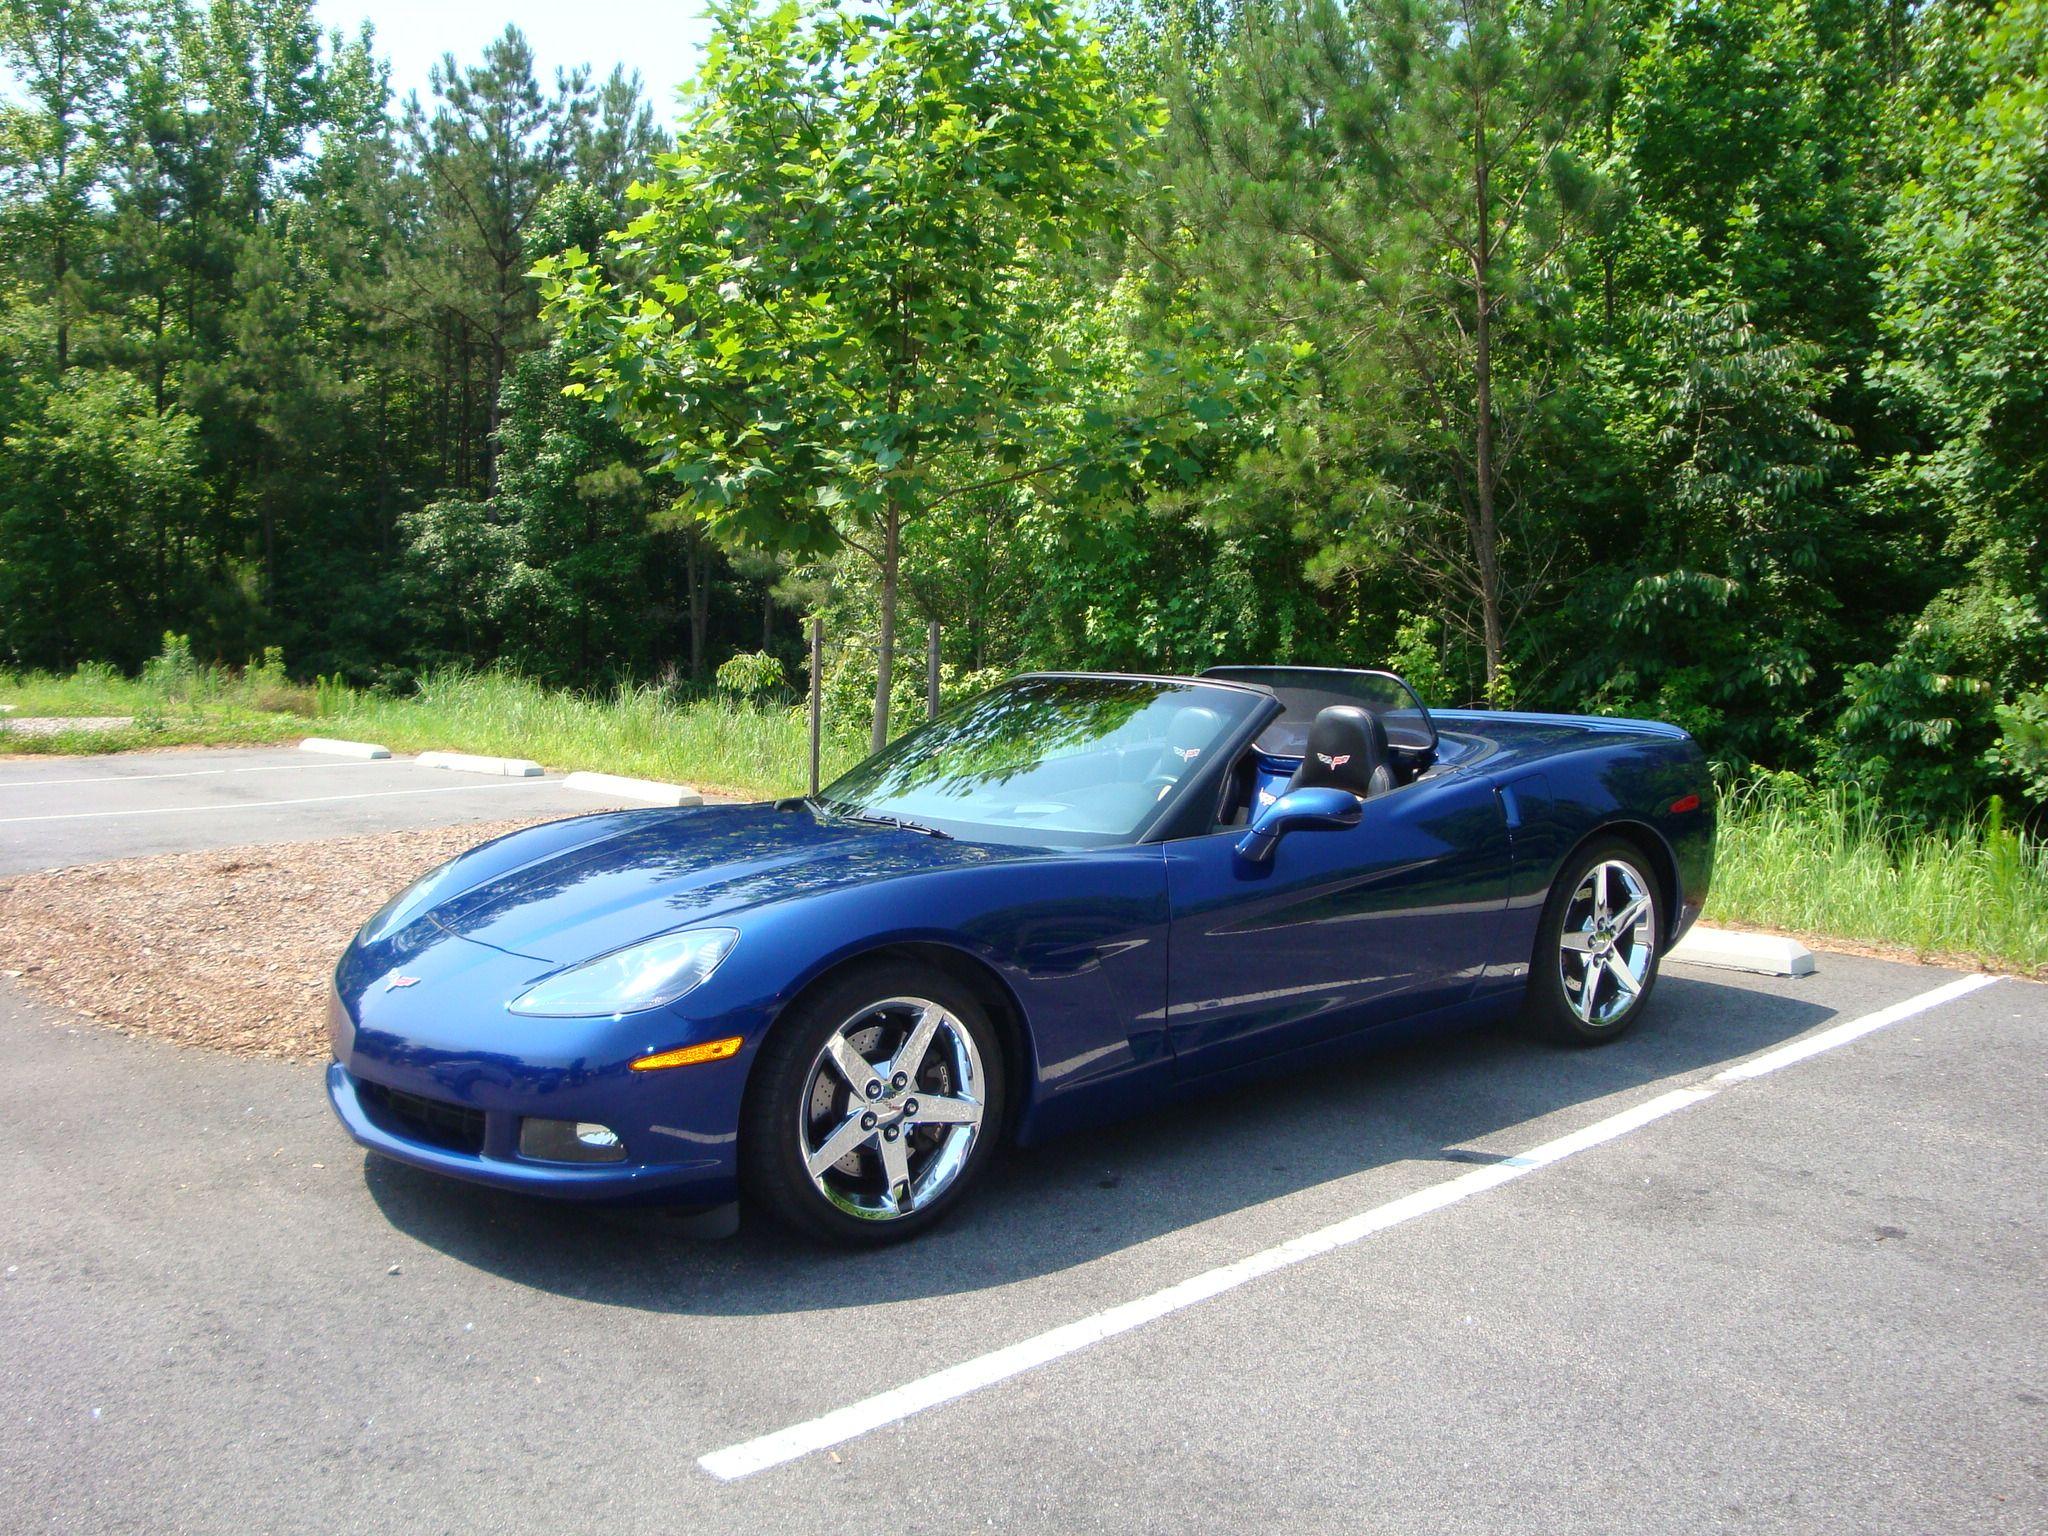 Stella 2007 C6 Corvette Convertible Le Mans Blue Corvette Convertible Corvette Chevy Corvette